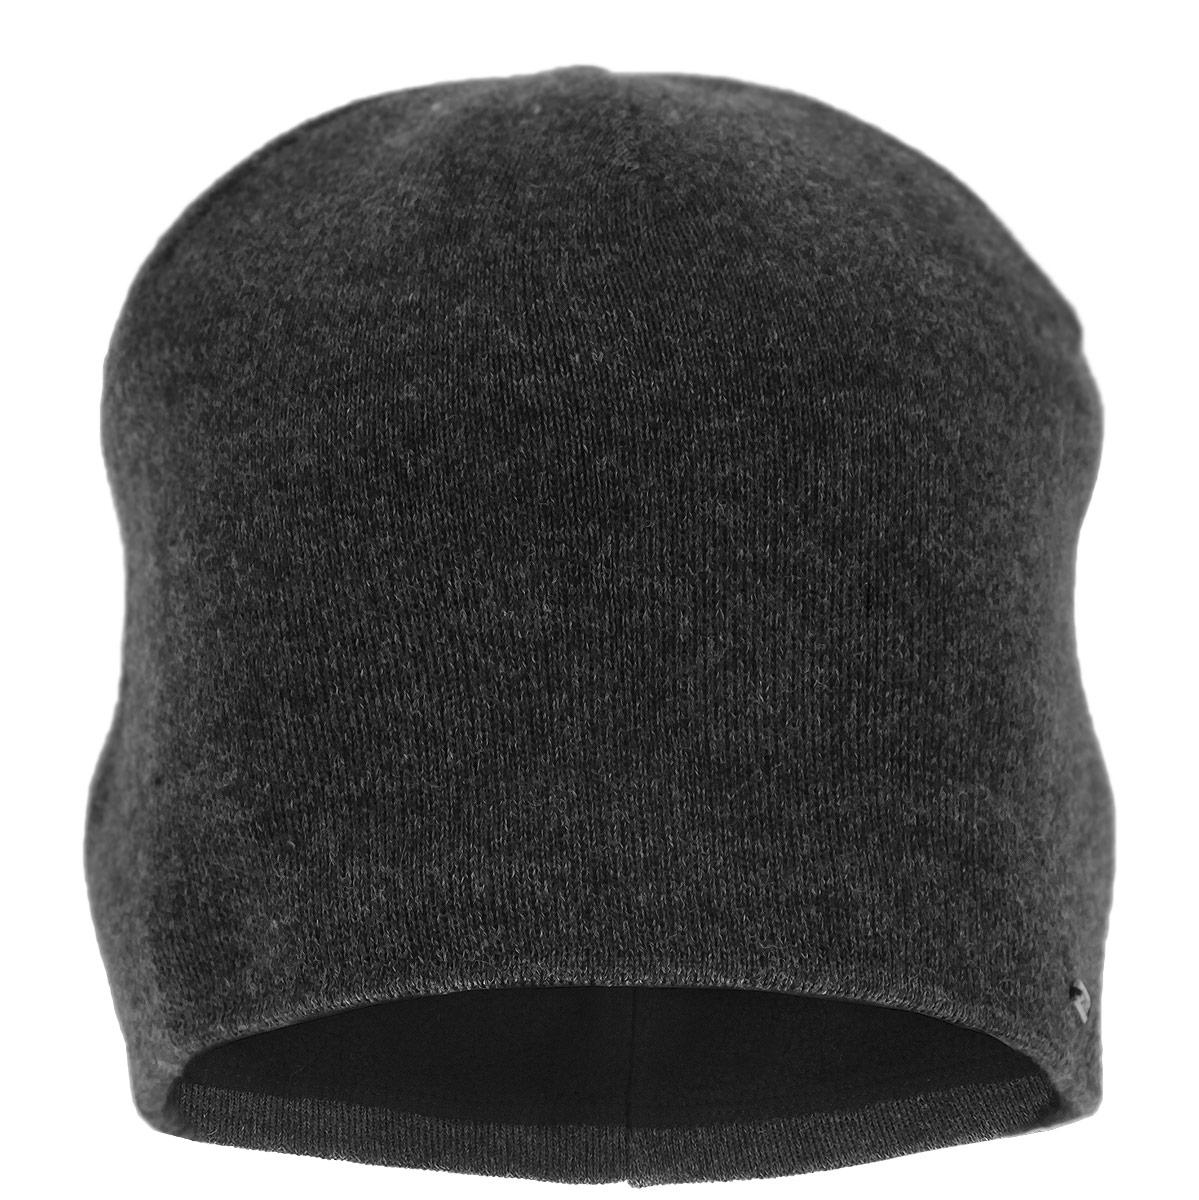 Шапка3450061Классическая мужская шапка Canoe Berg отлично дополнит ваш образ в холодную погоду. Сочетание различных материалов максимально сохраняет тепло и обеспечивает удобную посадку. Для большего комфорта предусмотрена подкладка из мягкого теплого флиса, что обеспечивает оптимальную термоизоляцию. Шапка оформлена небольшим декоративным элементом в виде металлической пластины с названием бренда. Такая шапка составит идеальный комплект с модной верхней одеждой, в ней вам будет уютно и тепло!